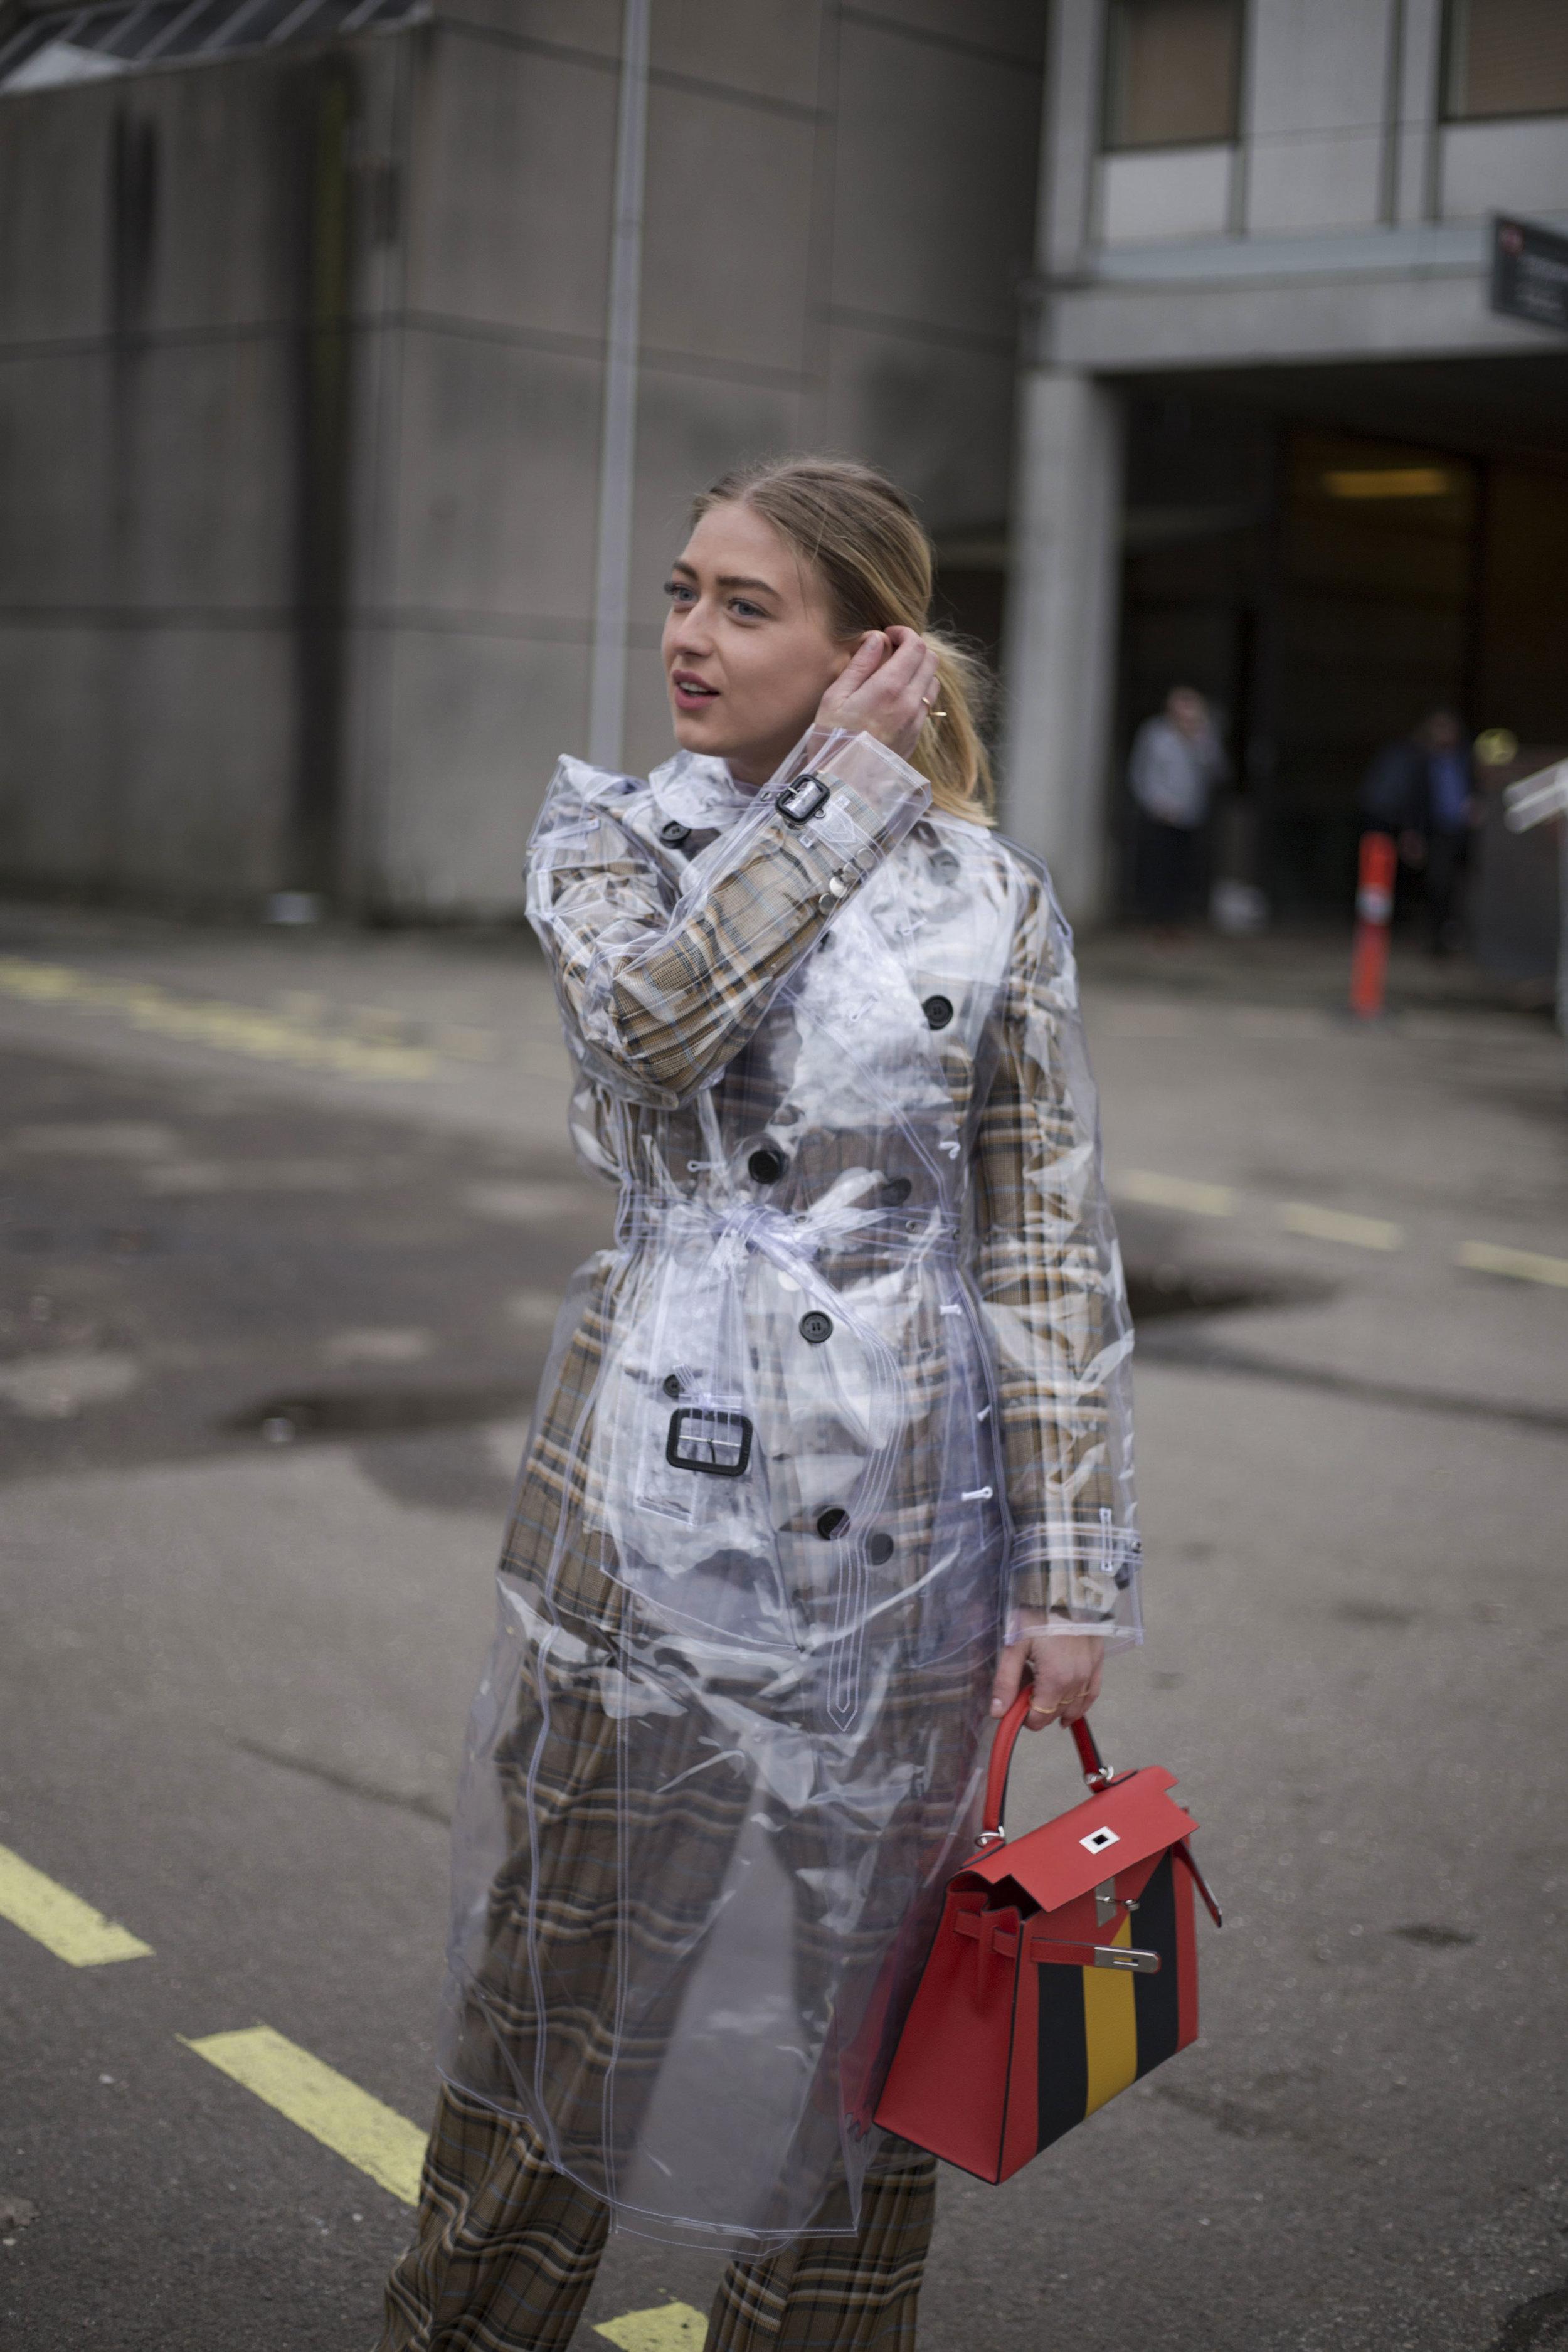 emili-sindlev-copenhagen-fashion-week-scandinavian-street-style-streetstyle-thestreetland-fashion-best-style.jpg